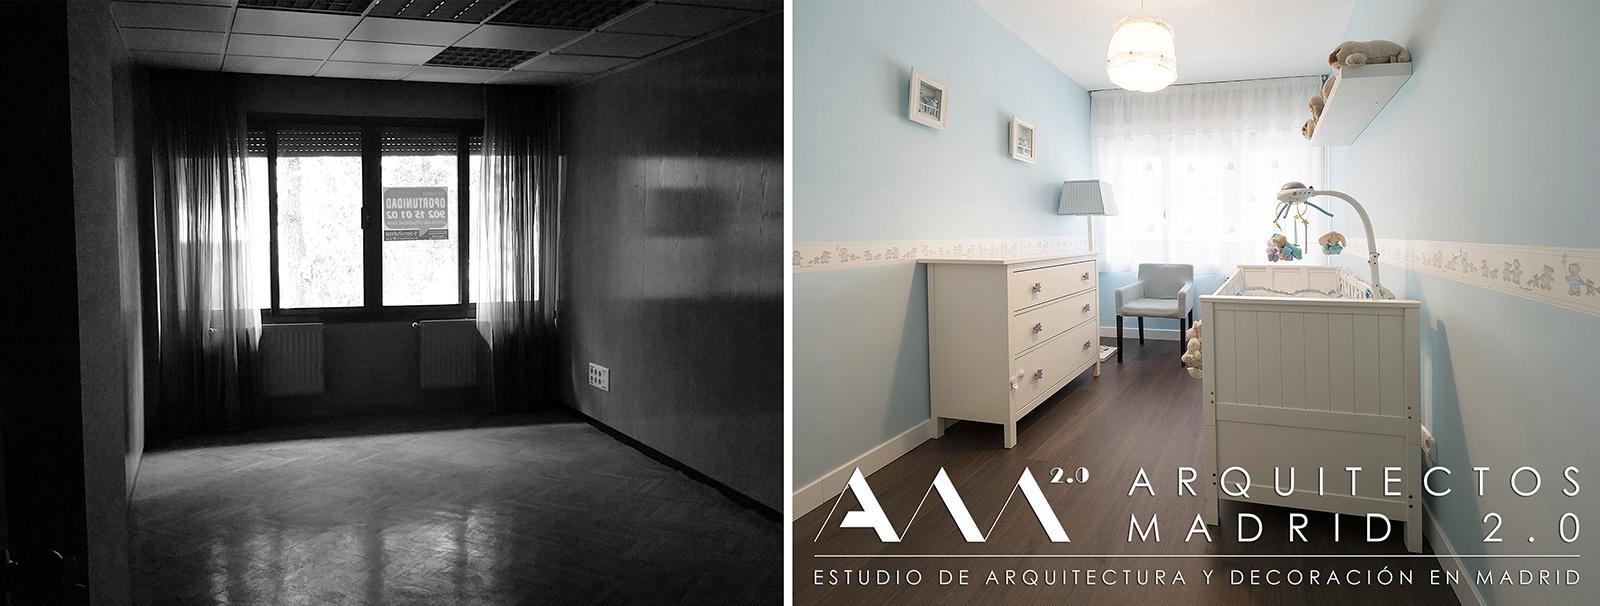 ideas-convertir-local-vivienda-cambio-de-uso-arquitectos-madrid-02